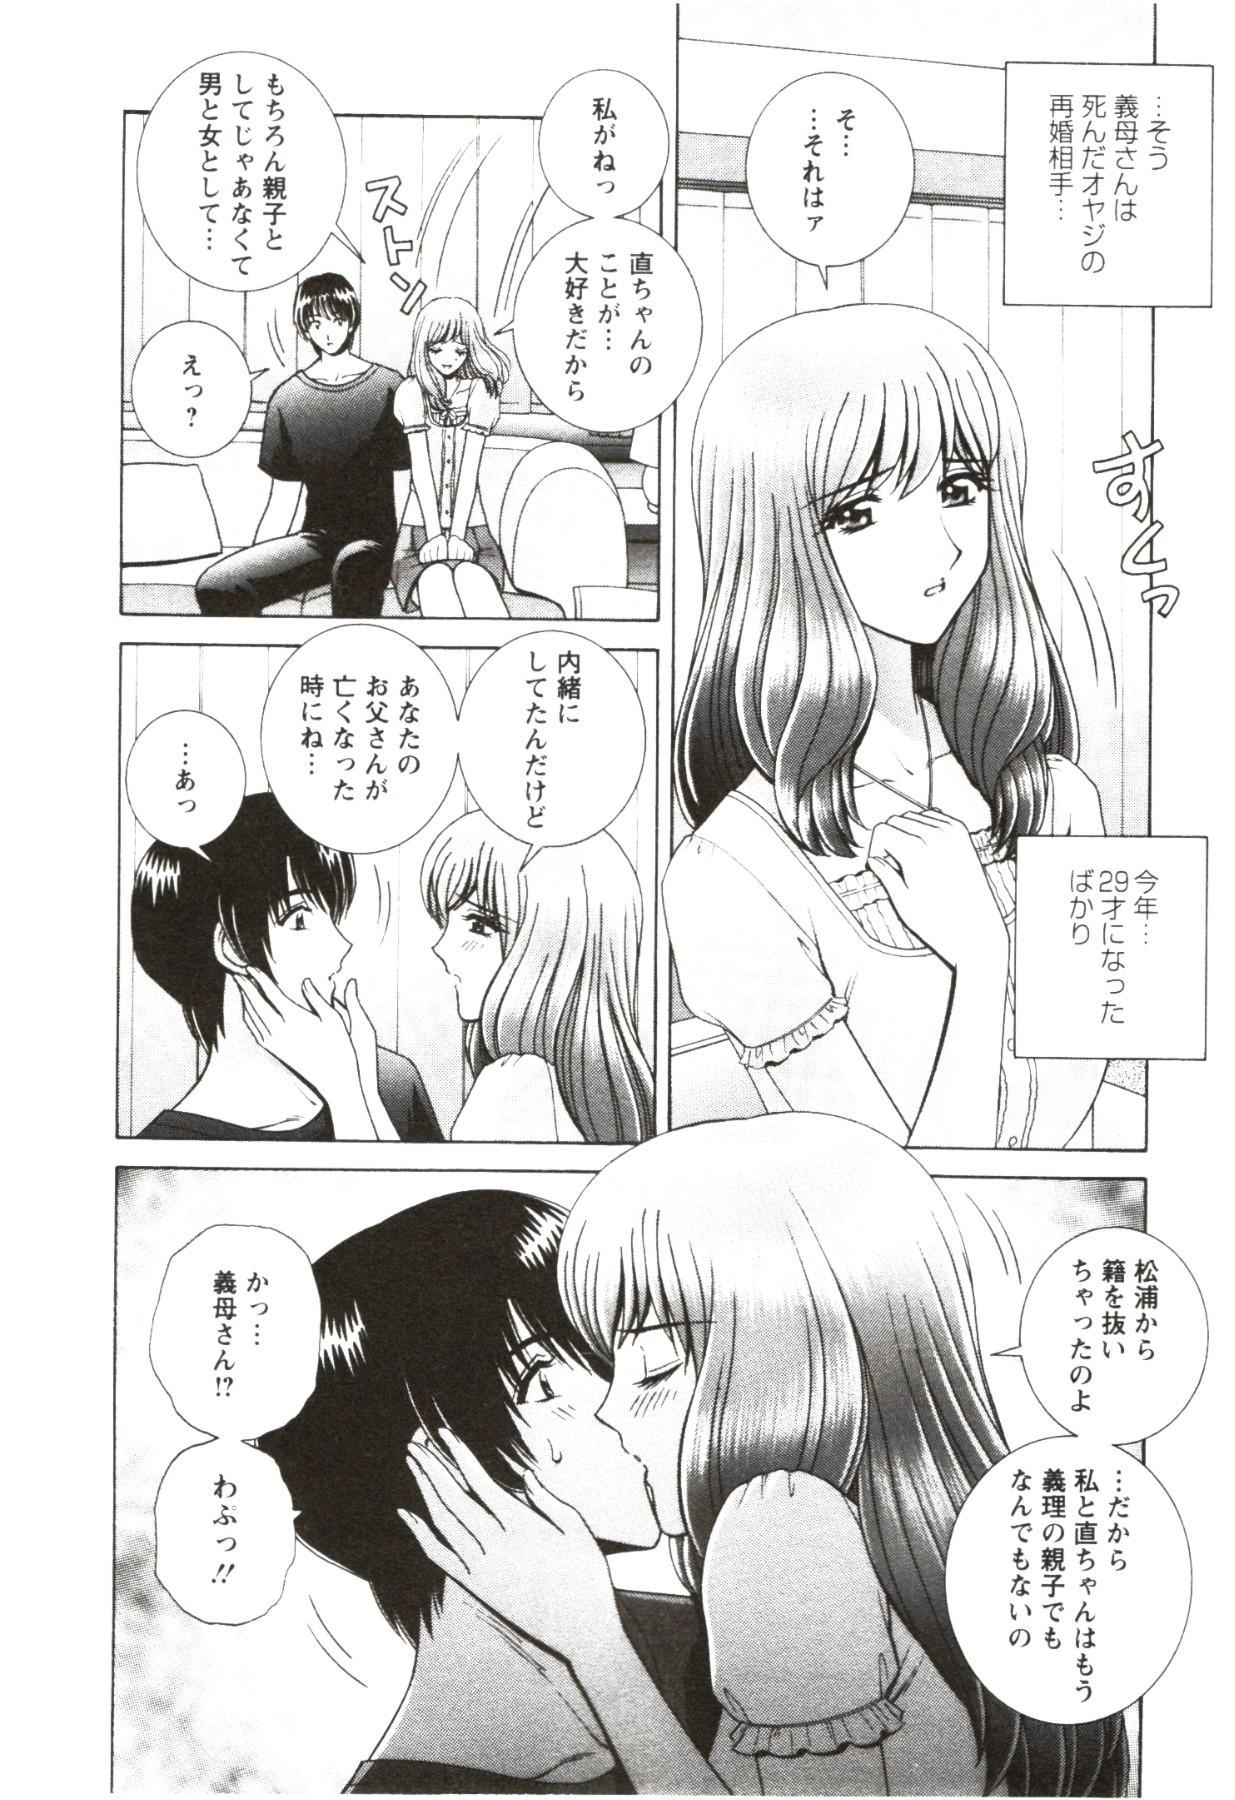 Futarigurashi 45